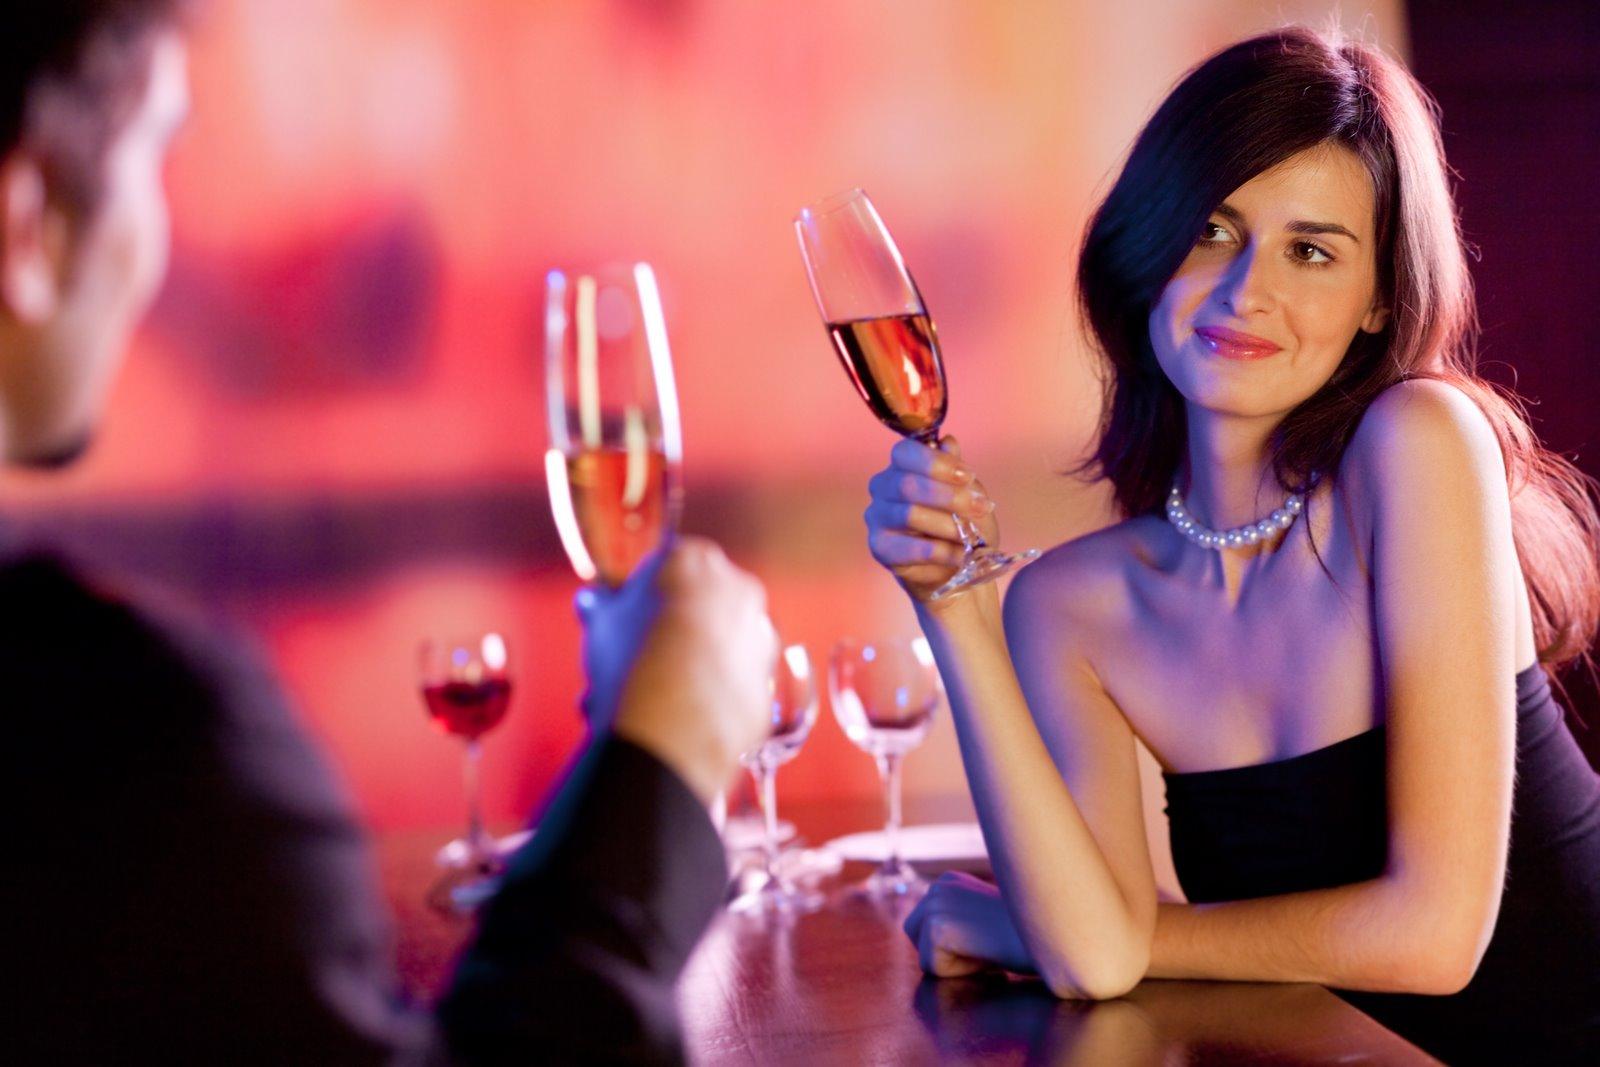 свидание с интеллигентной женщиной видео рассказу,любовь